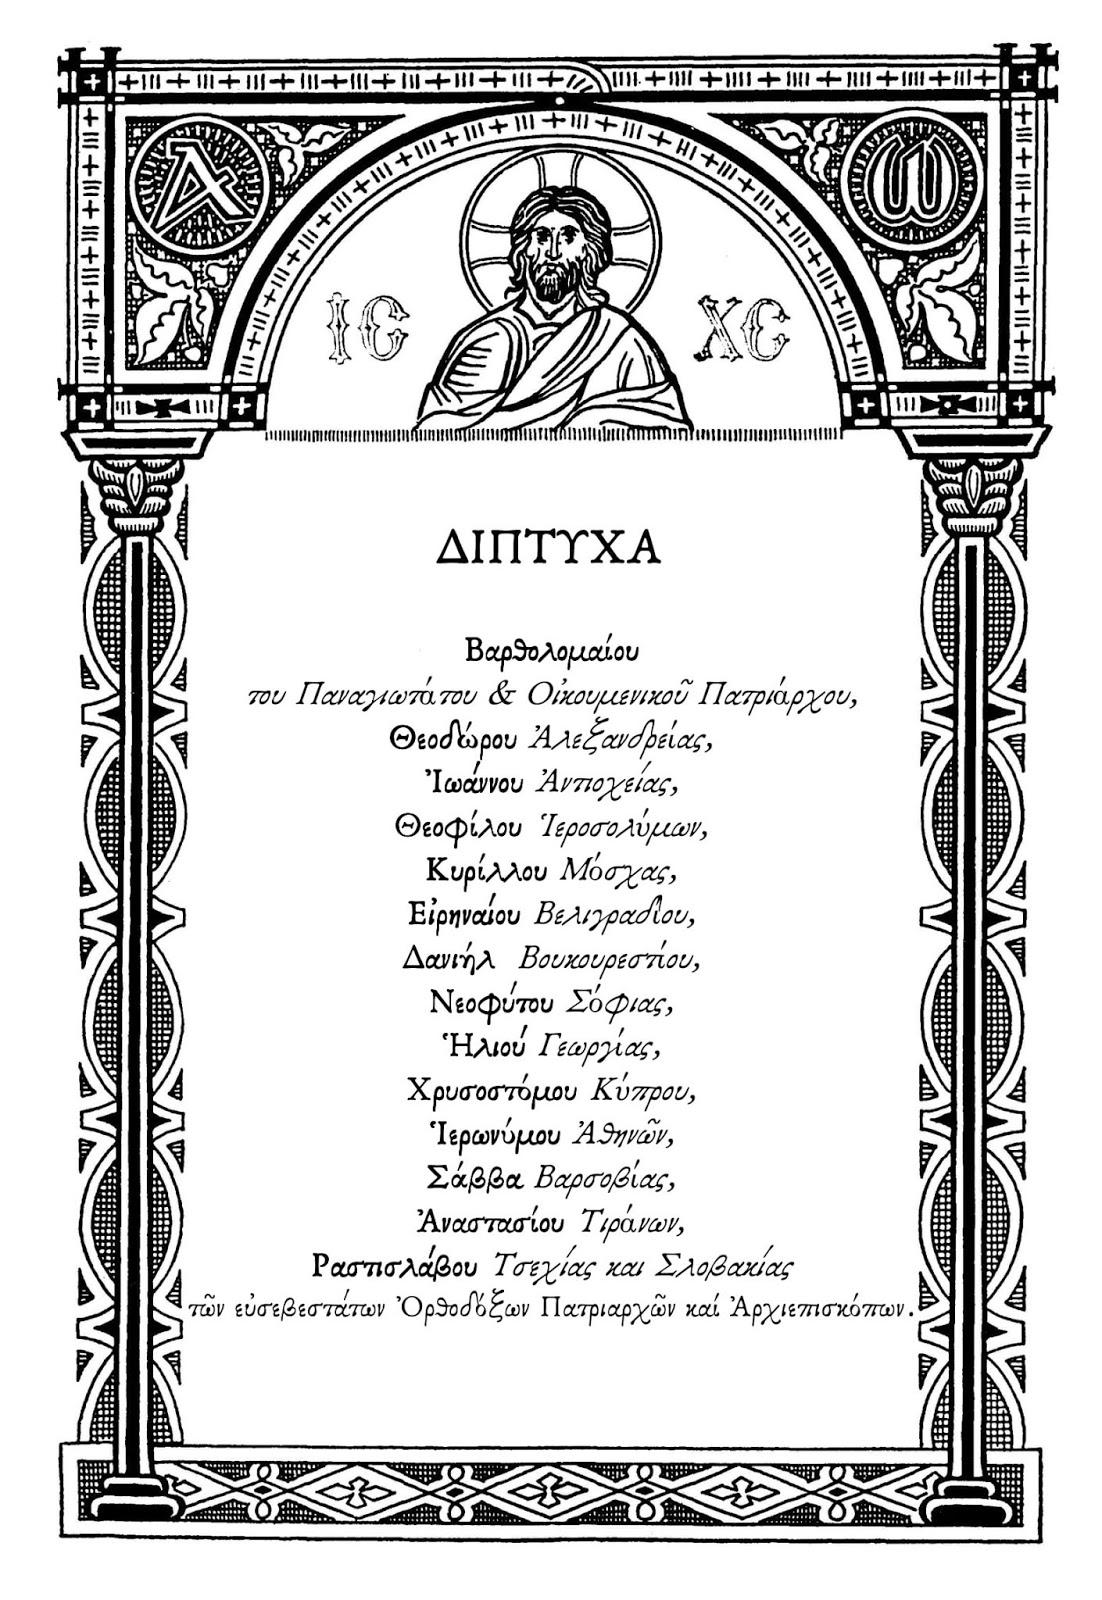 Νάξιοι Μελιστές: Τελετουργικά θέματα (π΄) Η μνημόνευση των Διπτύχων στη Θεία Λειτουργία! Από τον Λειτουργιολόγο Γεώργιο Ζαραβέλα